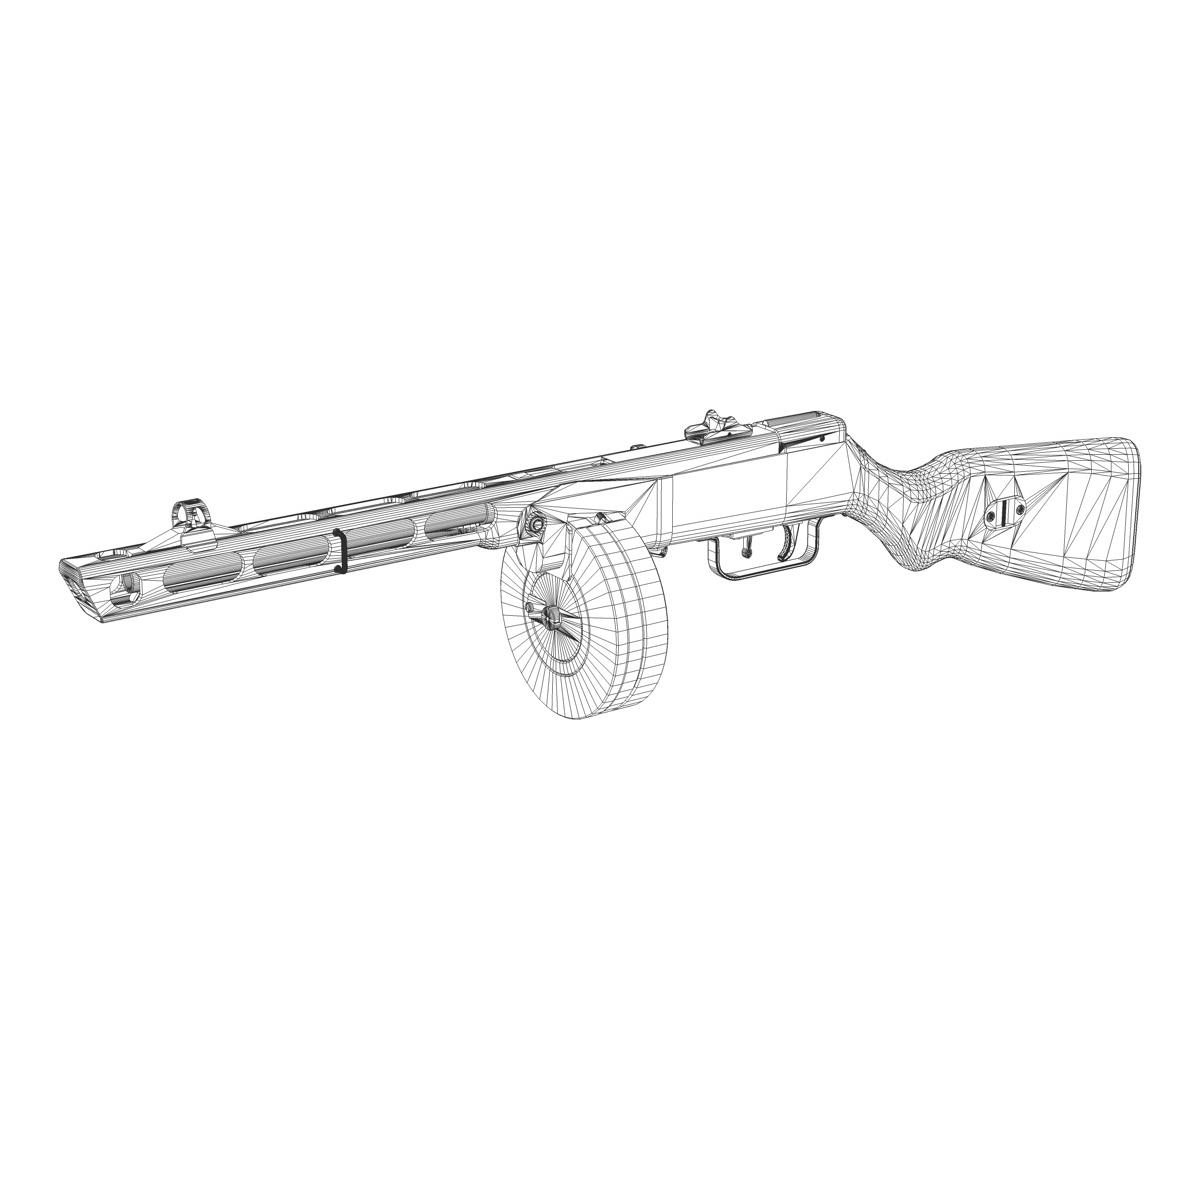 ppsh-41 – soviet submachine gun 3d model 3ds fbx c4d lwo obj 196959